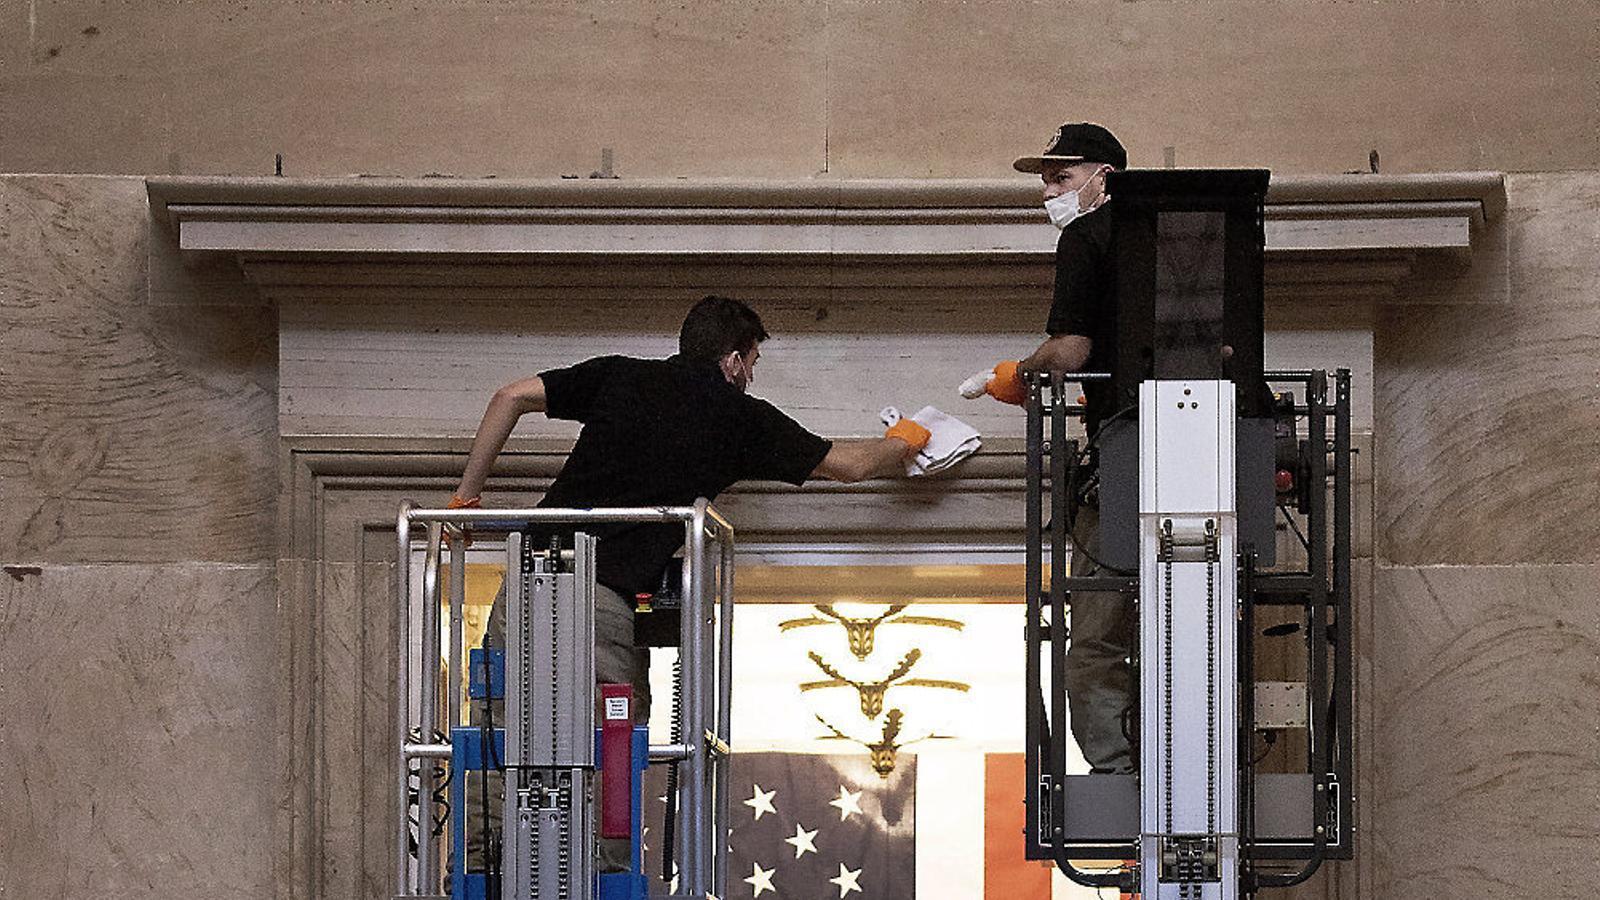 Personal de manteniment del Capitoli preparant les portes de la Sala Rotonda, dins del Capitoli, per a les cortines de la Inauguració de Joe Biden, el 20 de gener.